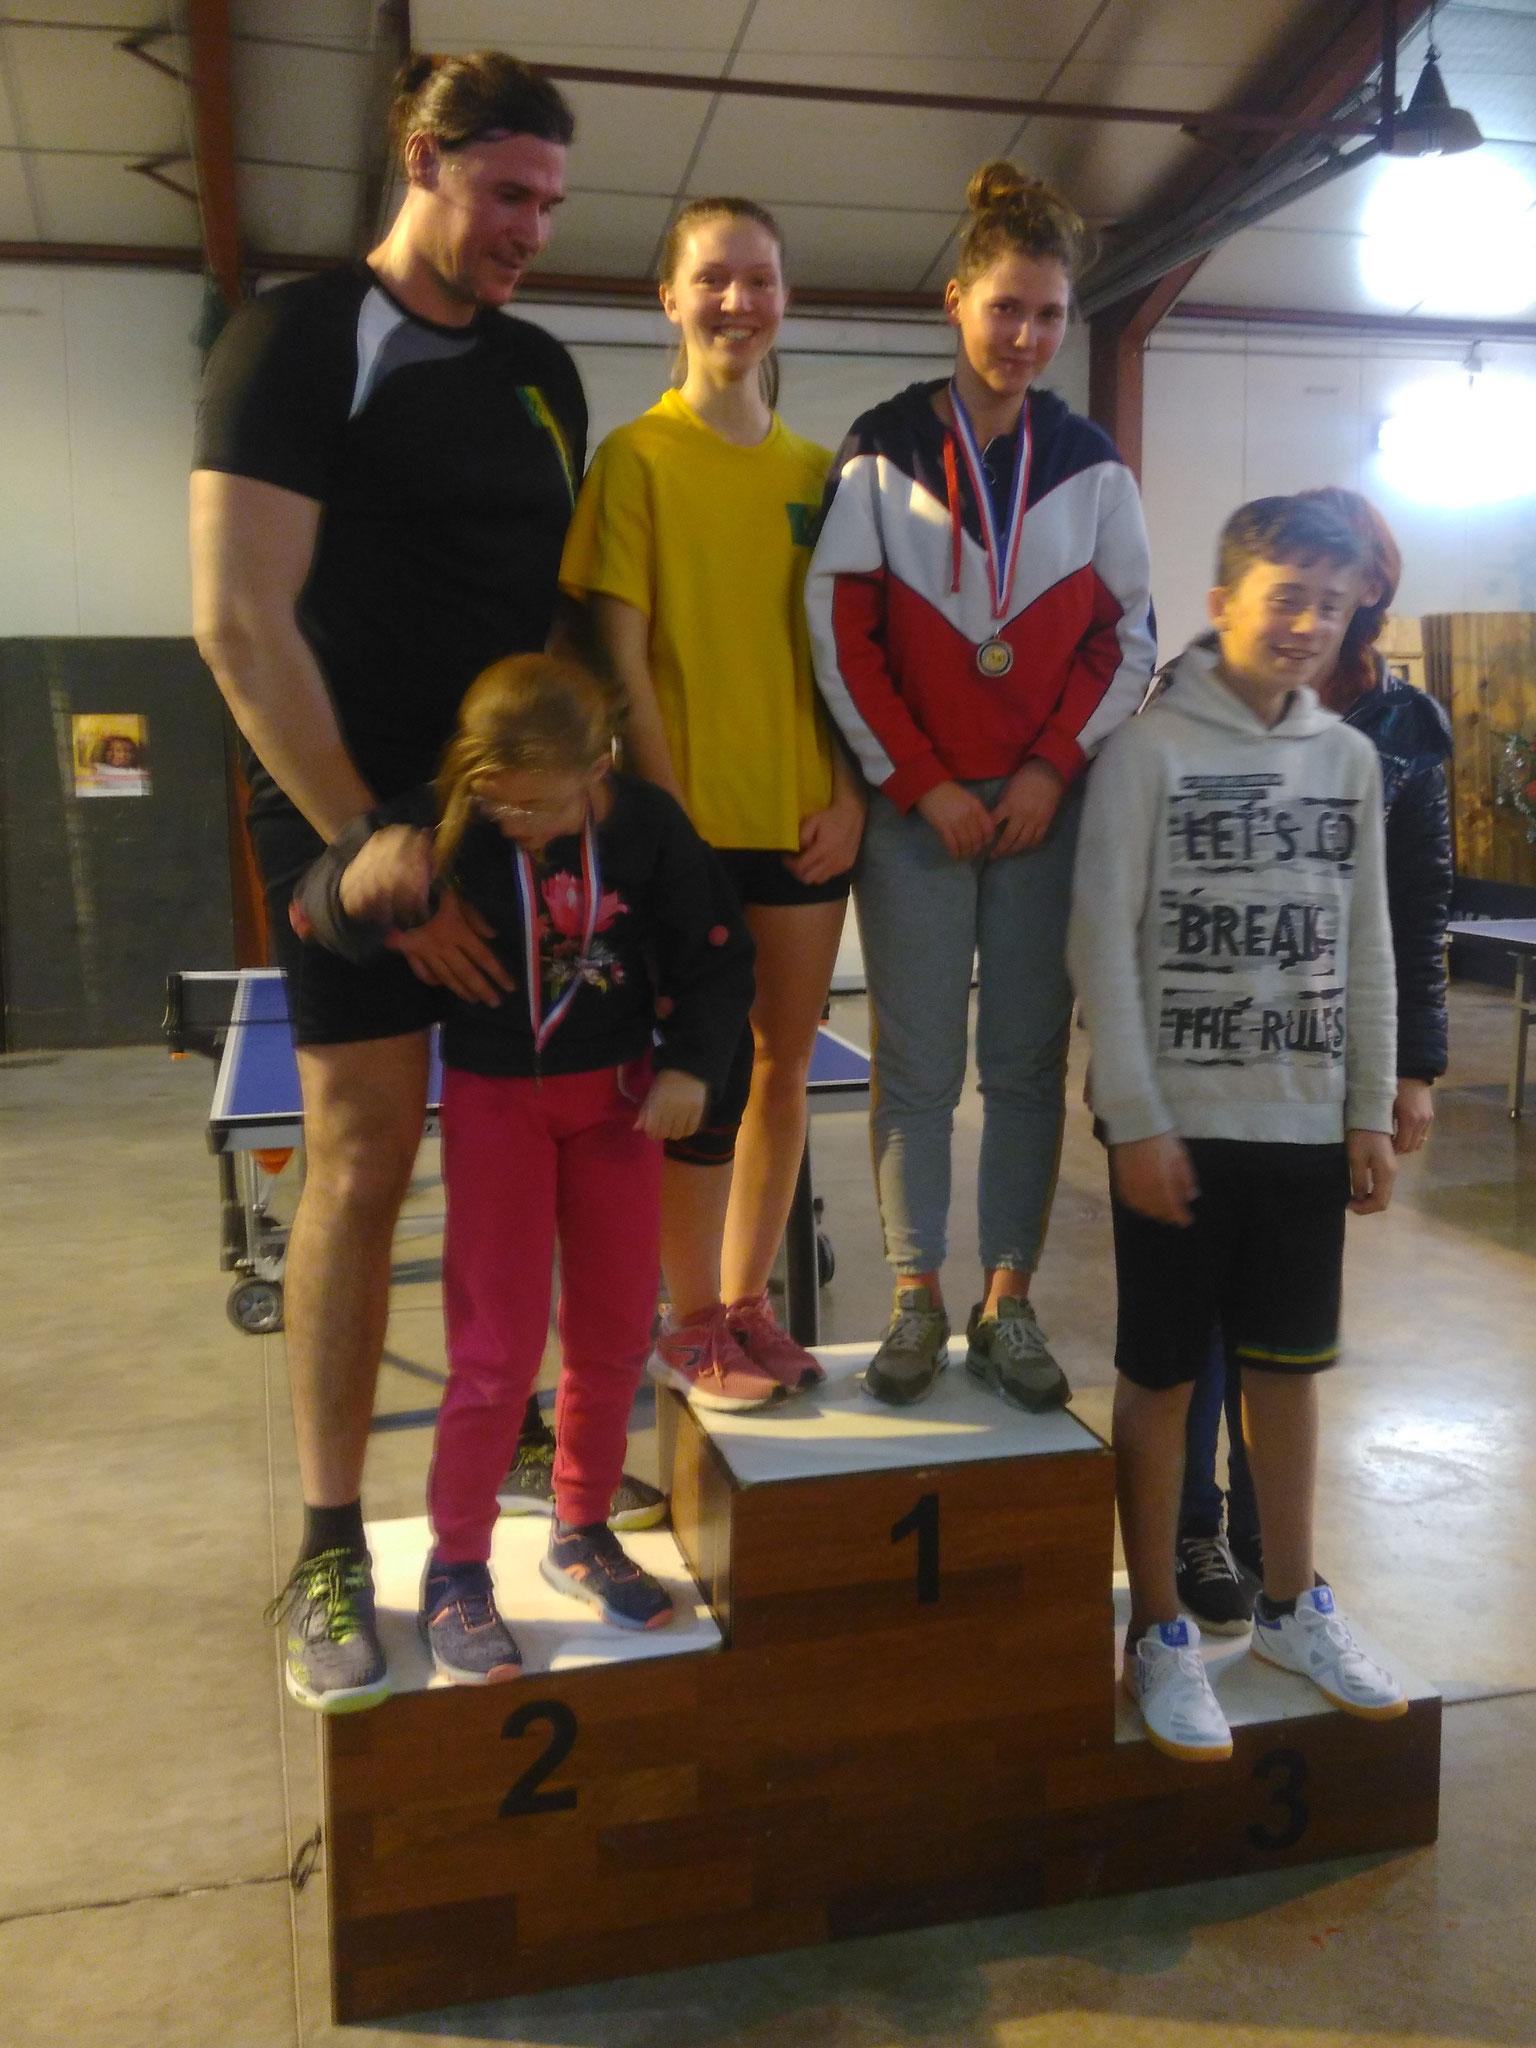 Podium du tournoi par équipes: 1ères Ilona et Madeline; 2èmes Olivia et Olivier; 3èmes Alexandre et Milena